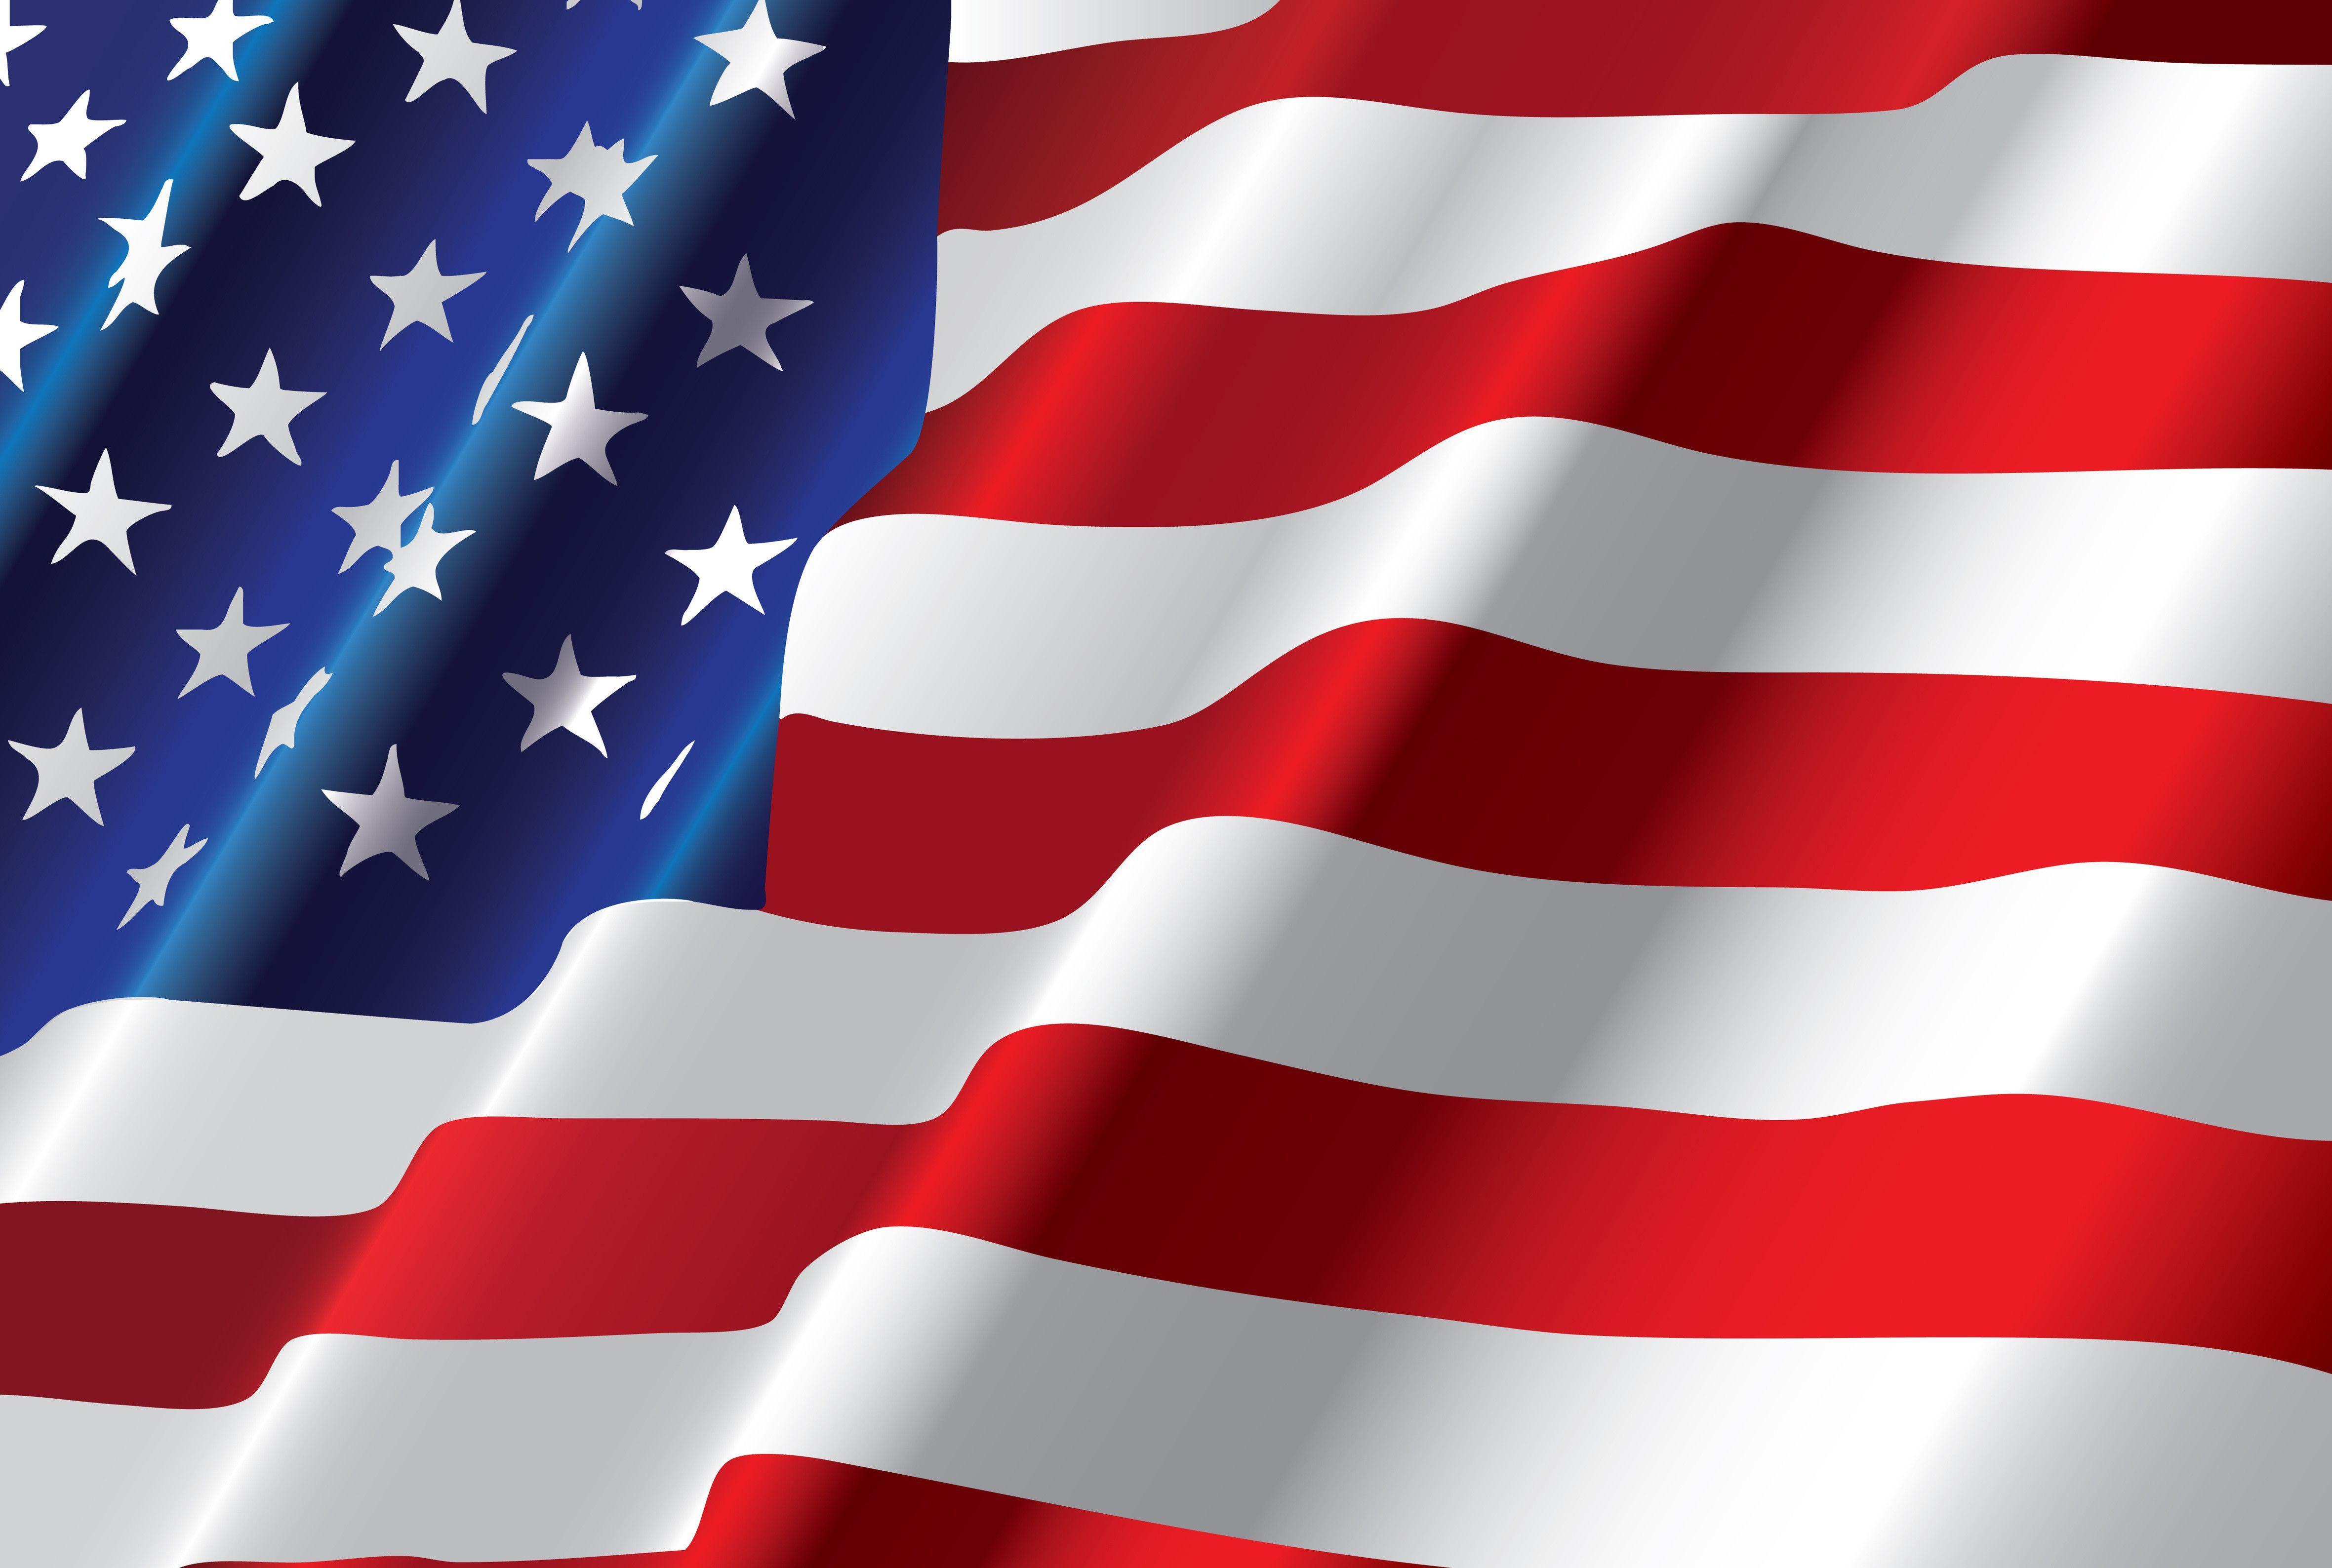 american flag desktop backgrounds wallpaper cave. Black Bedroom Furniture Sets. Home Design Ideas